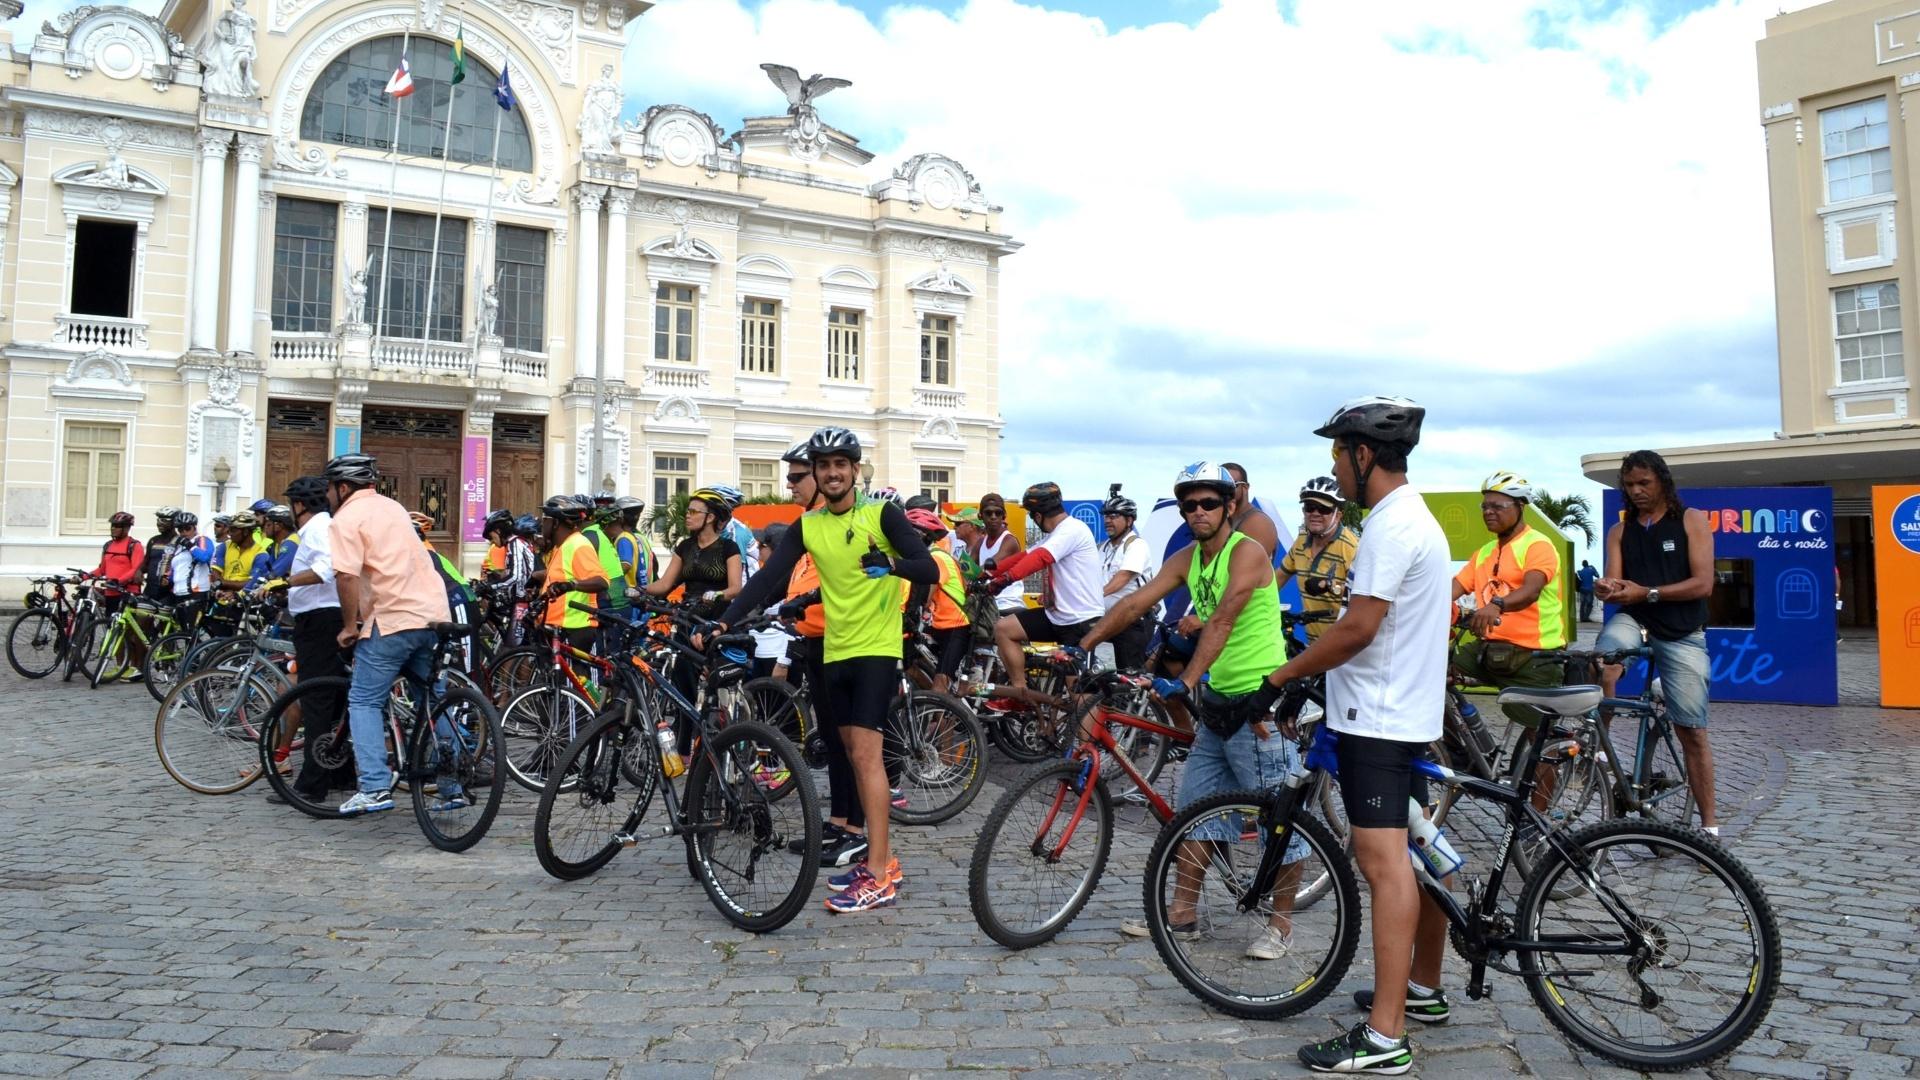 22.set.2015 - Passeio ciclístico marca o Dia Mundial sem Carro em Salvador (BA), nesta terça-feira. Os ciclistas se concentraram em frente à Câmara Municipal